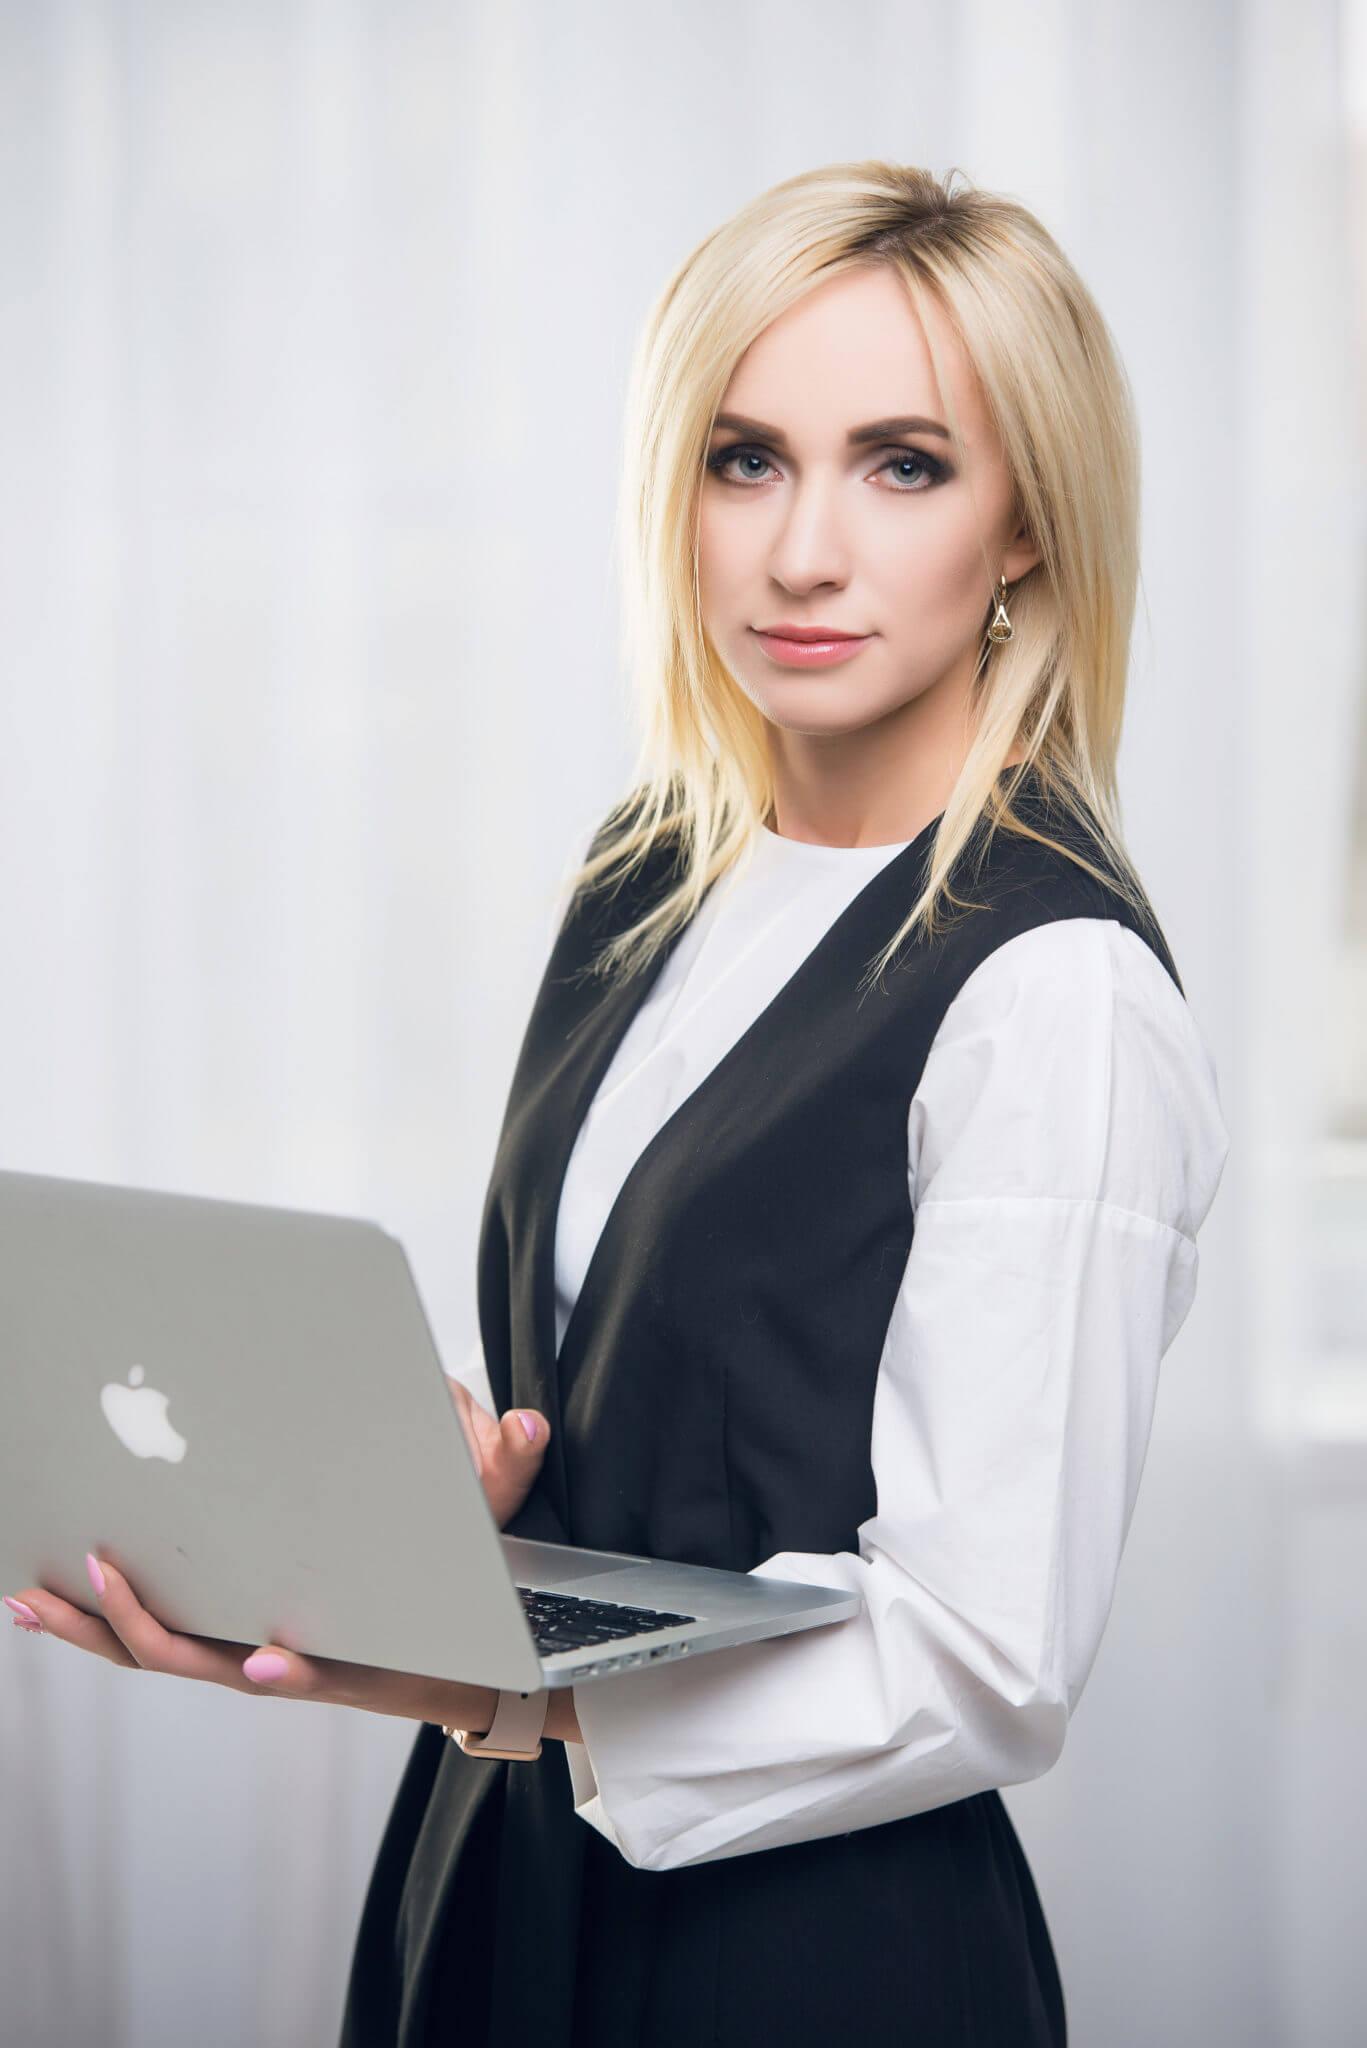 Деловой портрет, бизнес портфолио, портрет девушки с ноутбуком в руках